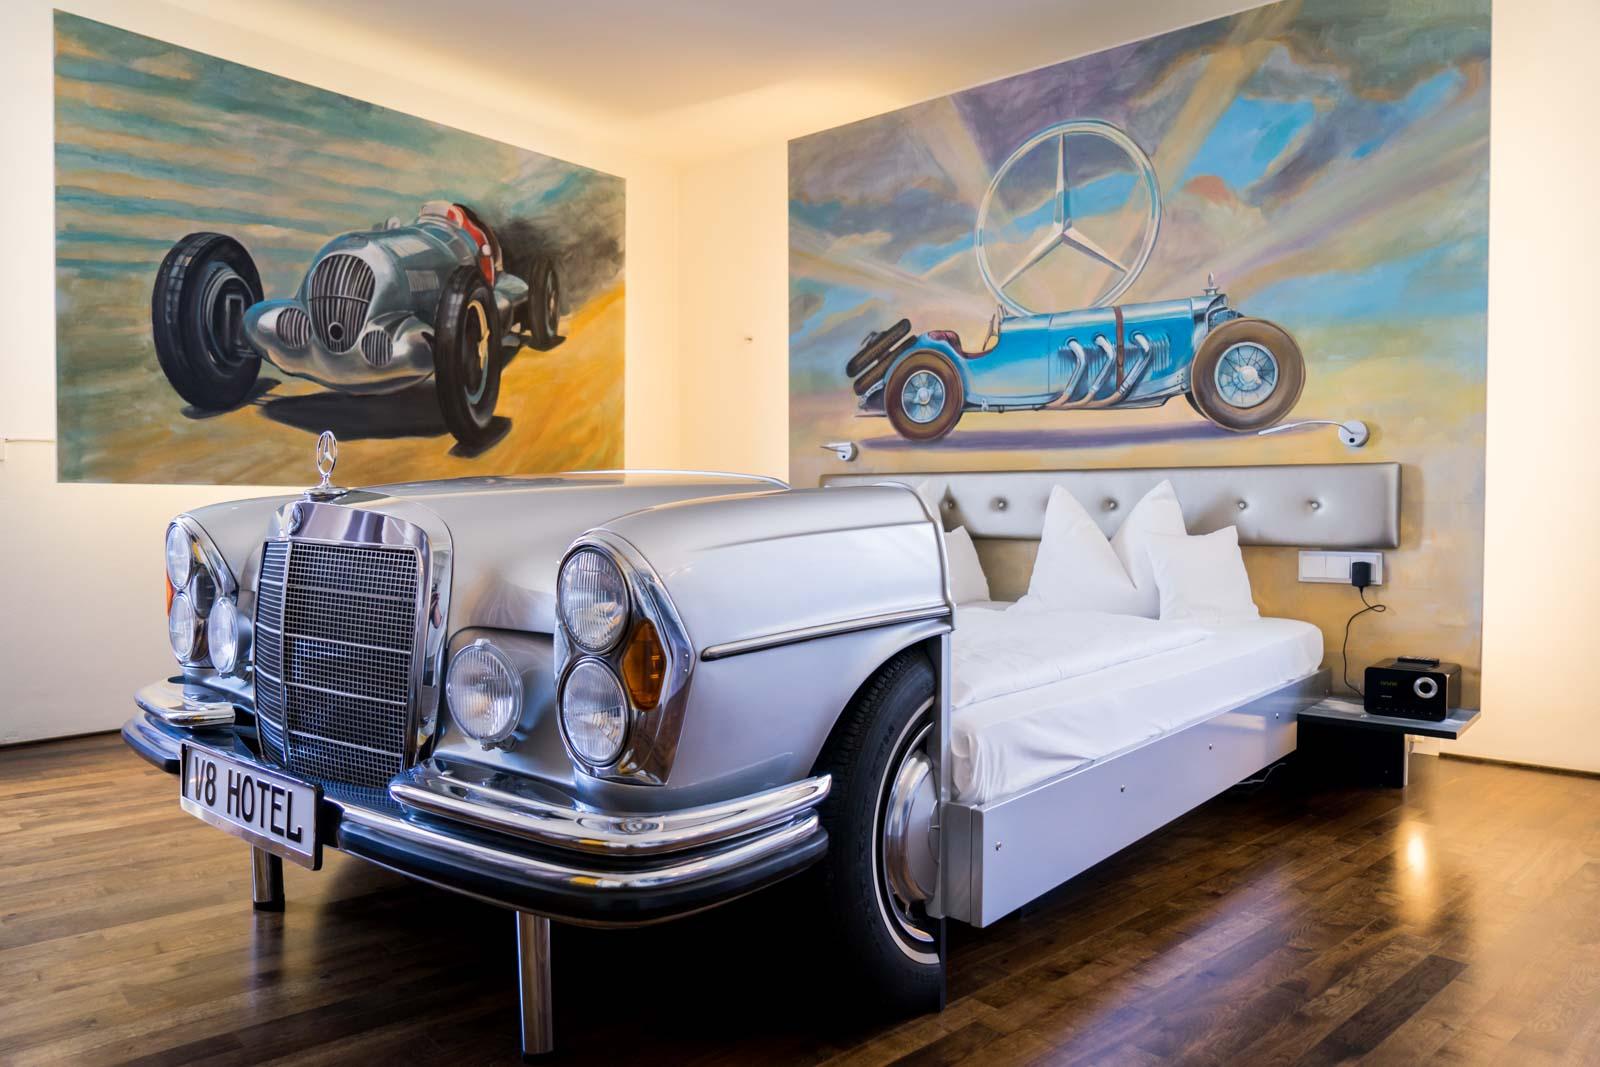 Auto-hotel-3